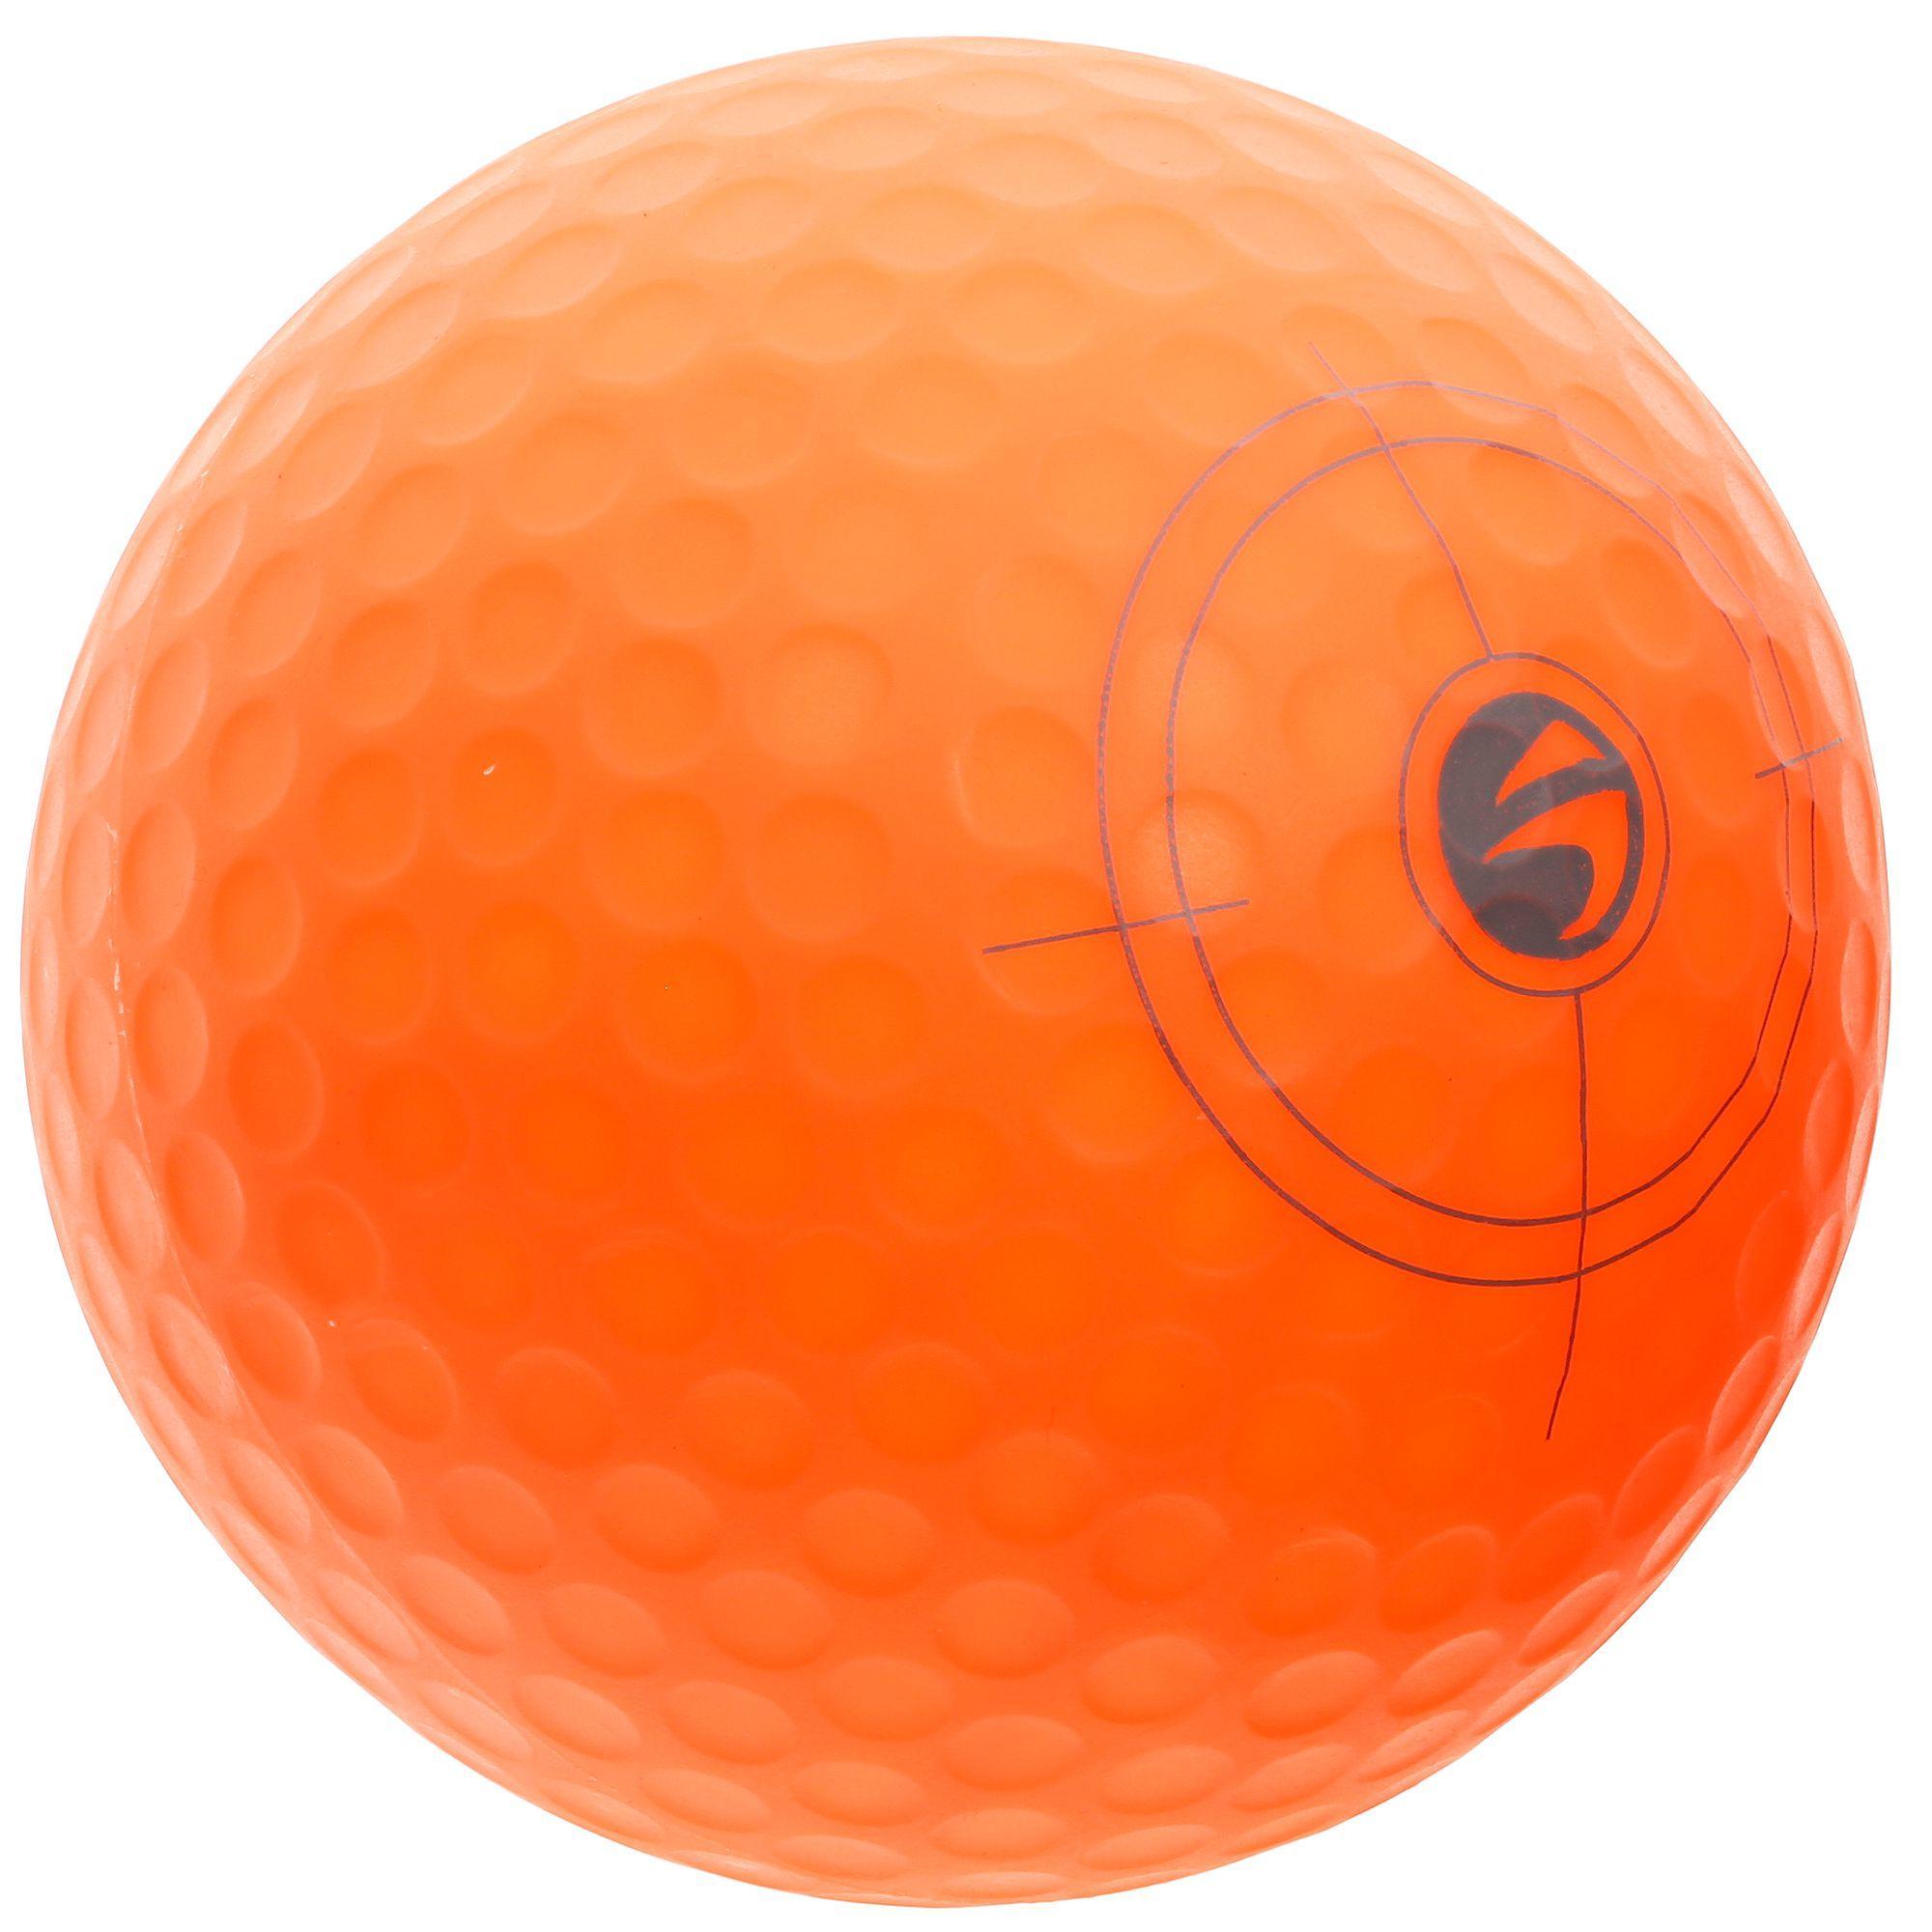 Minge Golf Gonflabilă 500 la Reducere poza